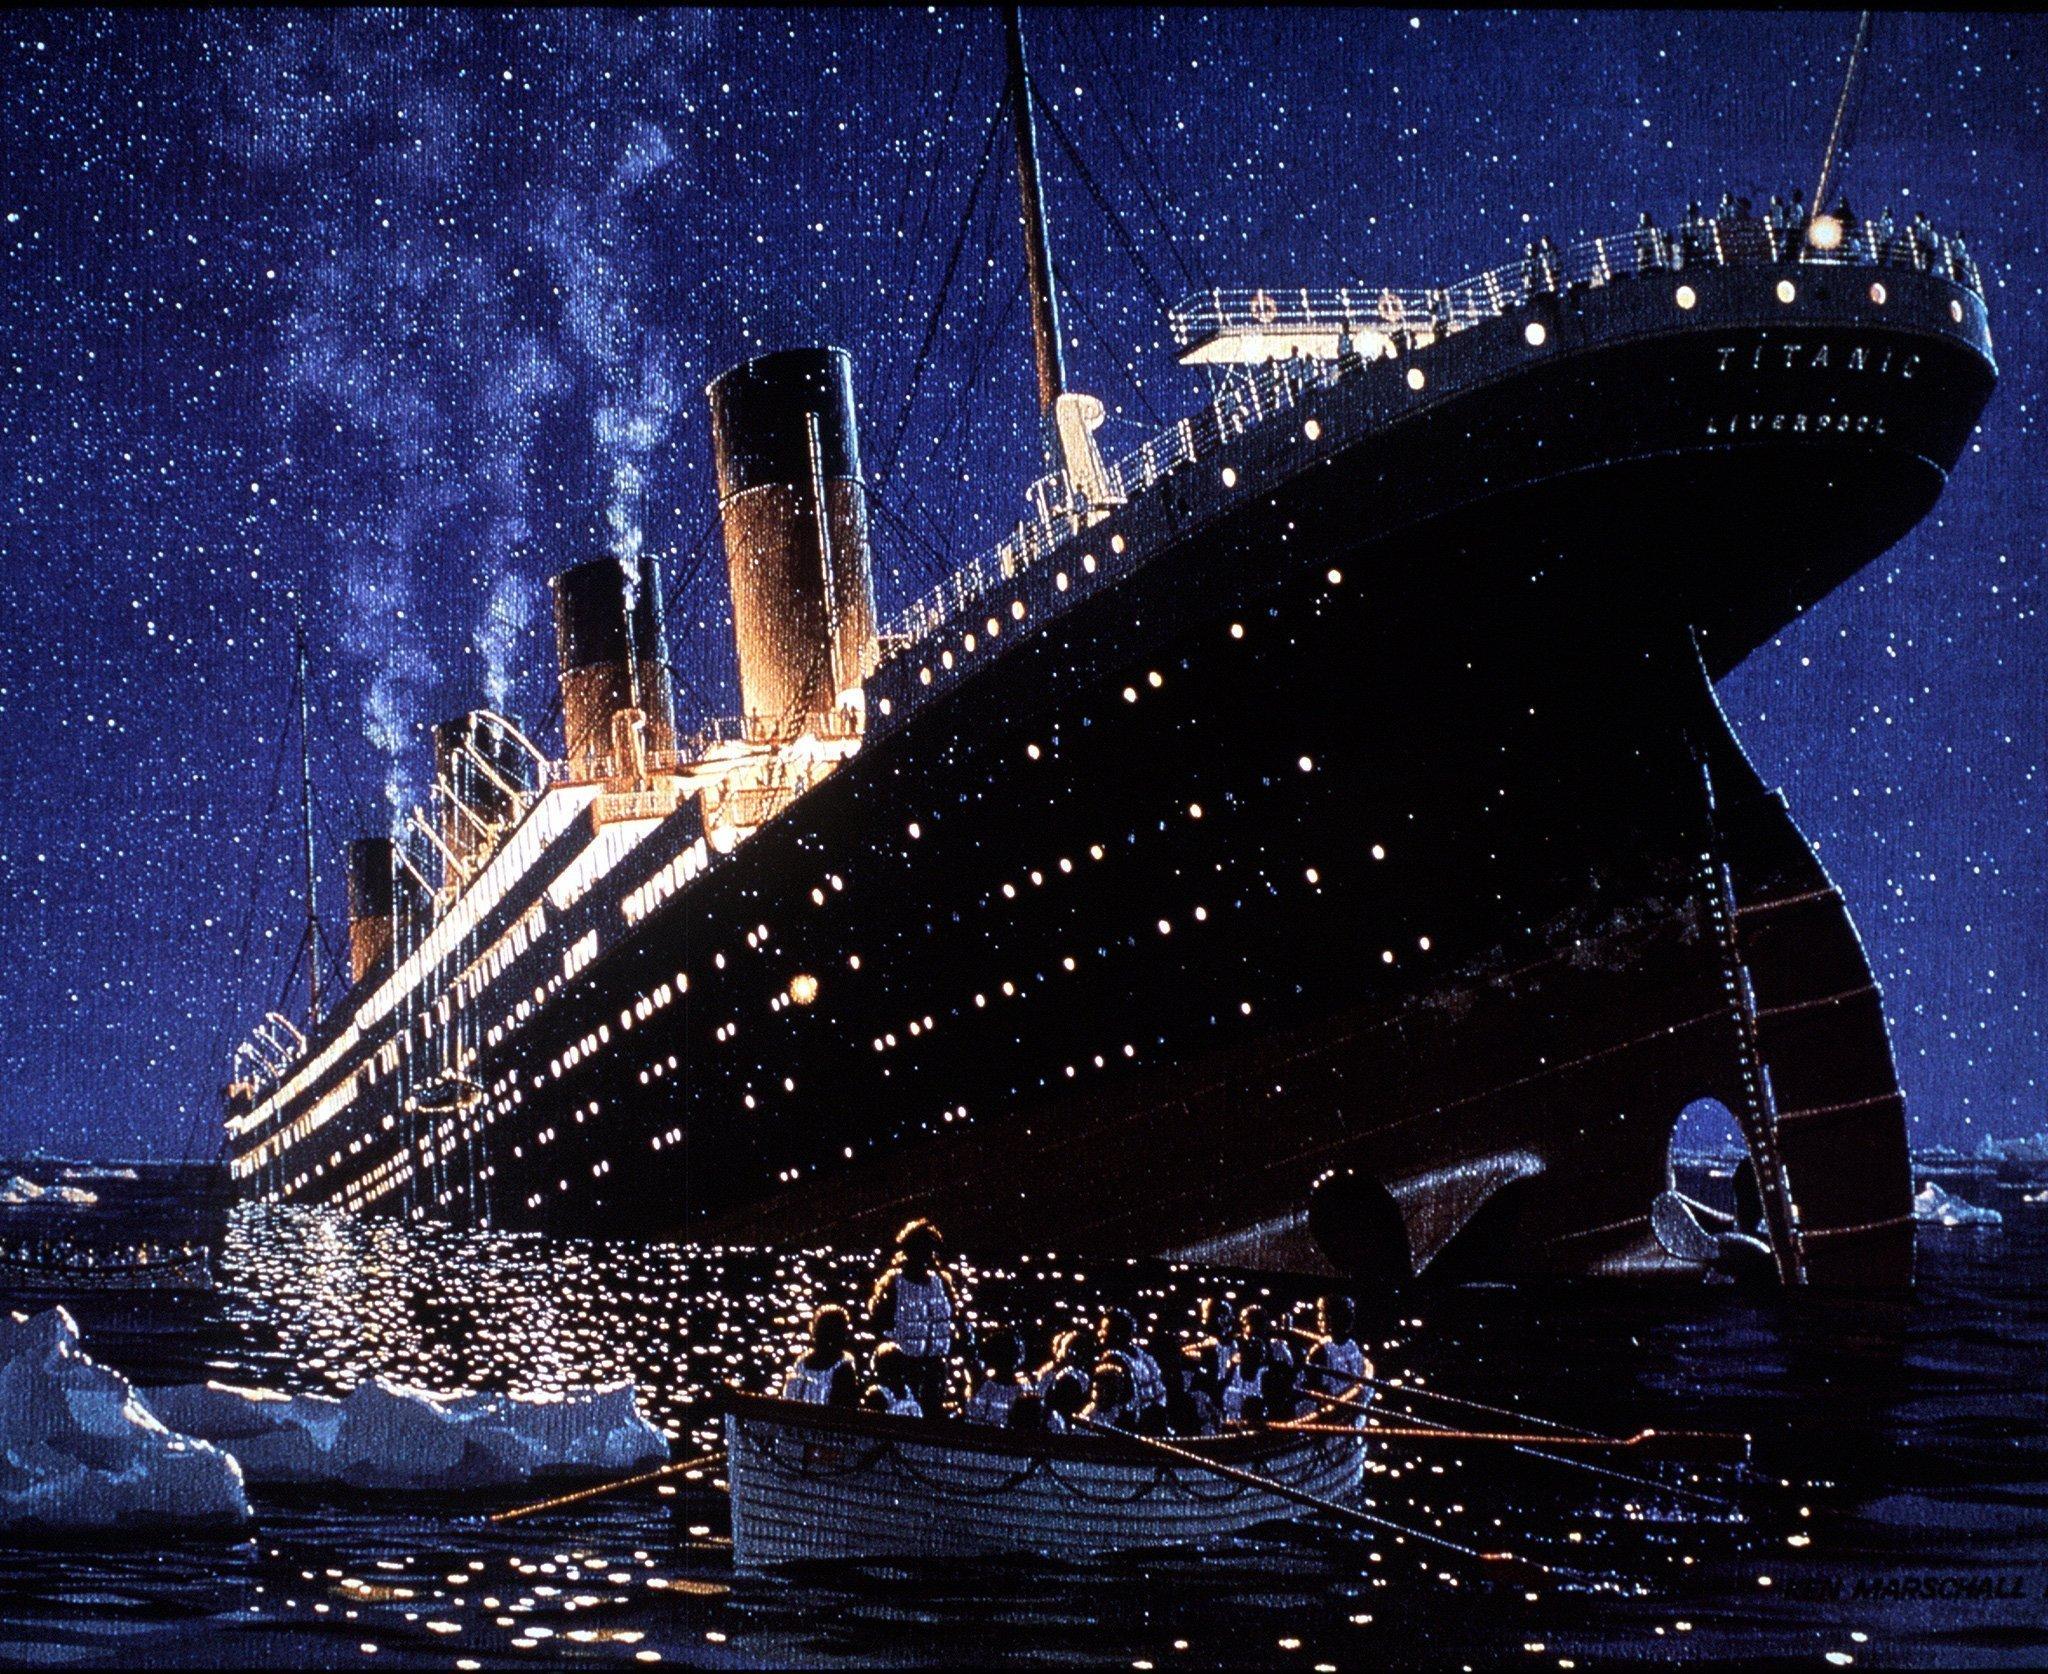 Die zeitgenössische Darstellung zeigt den Untergang des Luxusliners Titanic vor rund hundert Jahren (1912).